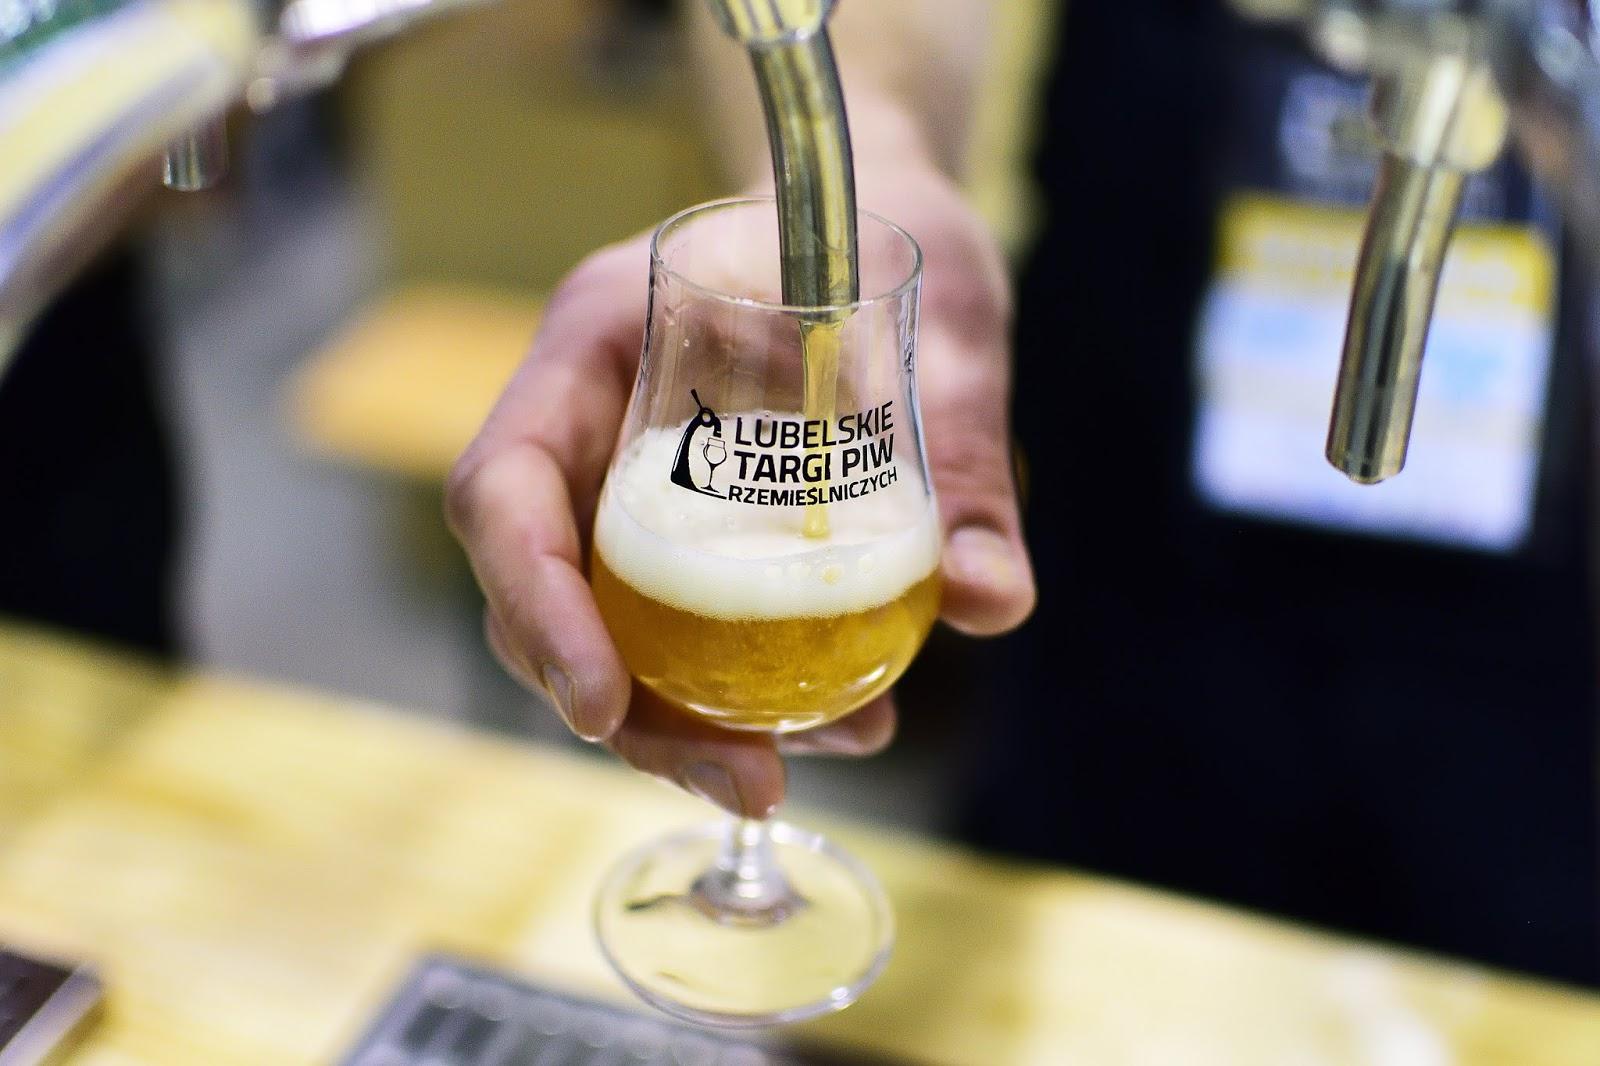 Lubelskie Targi Piw Rzemieślniczych 2019